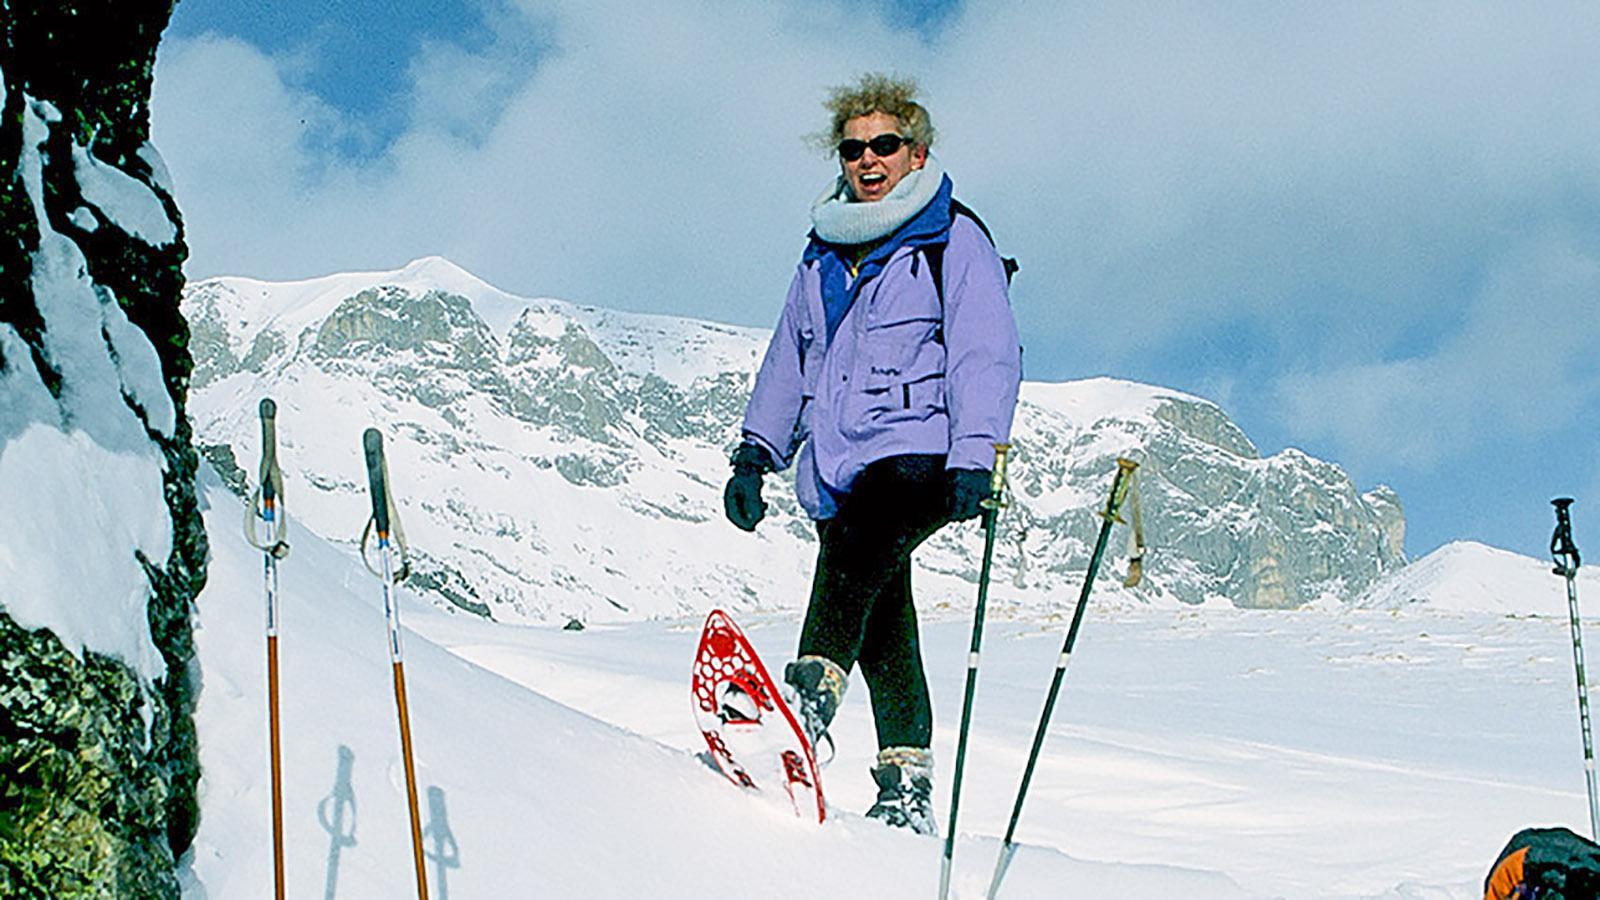 Auch Nathalie Morel ist mit Schneeschuhen unterwegs in der Cirque de Gavarnie. Foot. Hilke Maunder